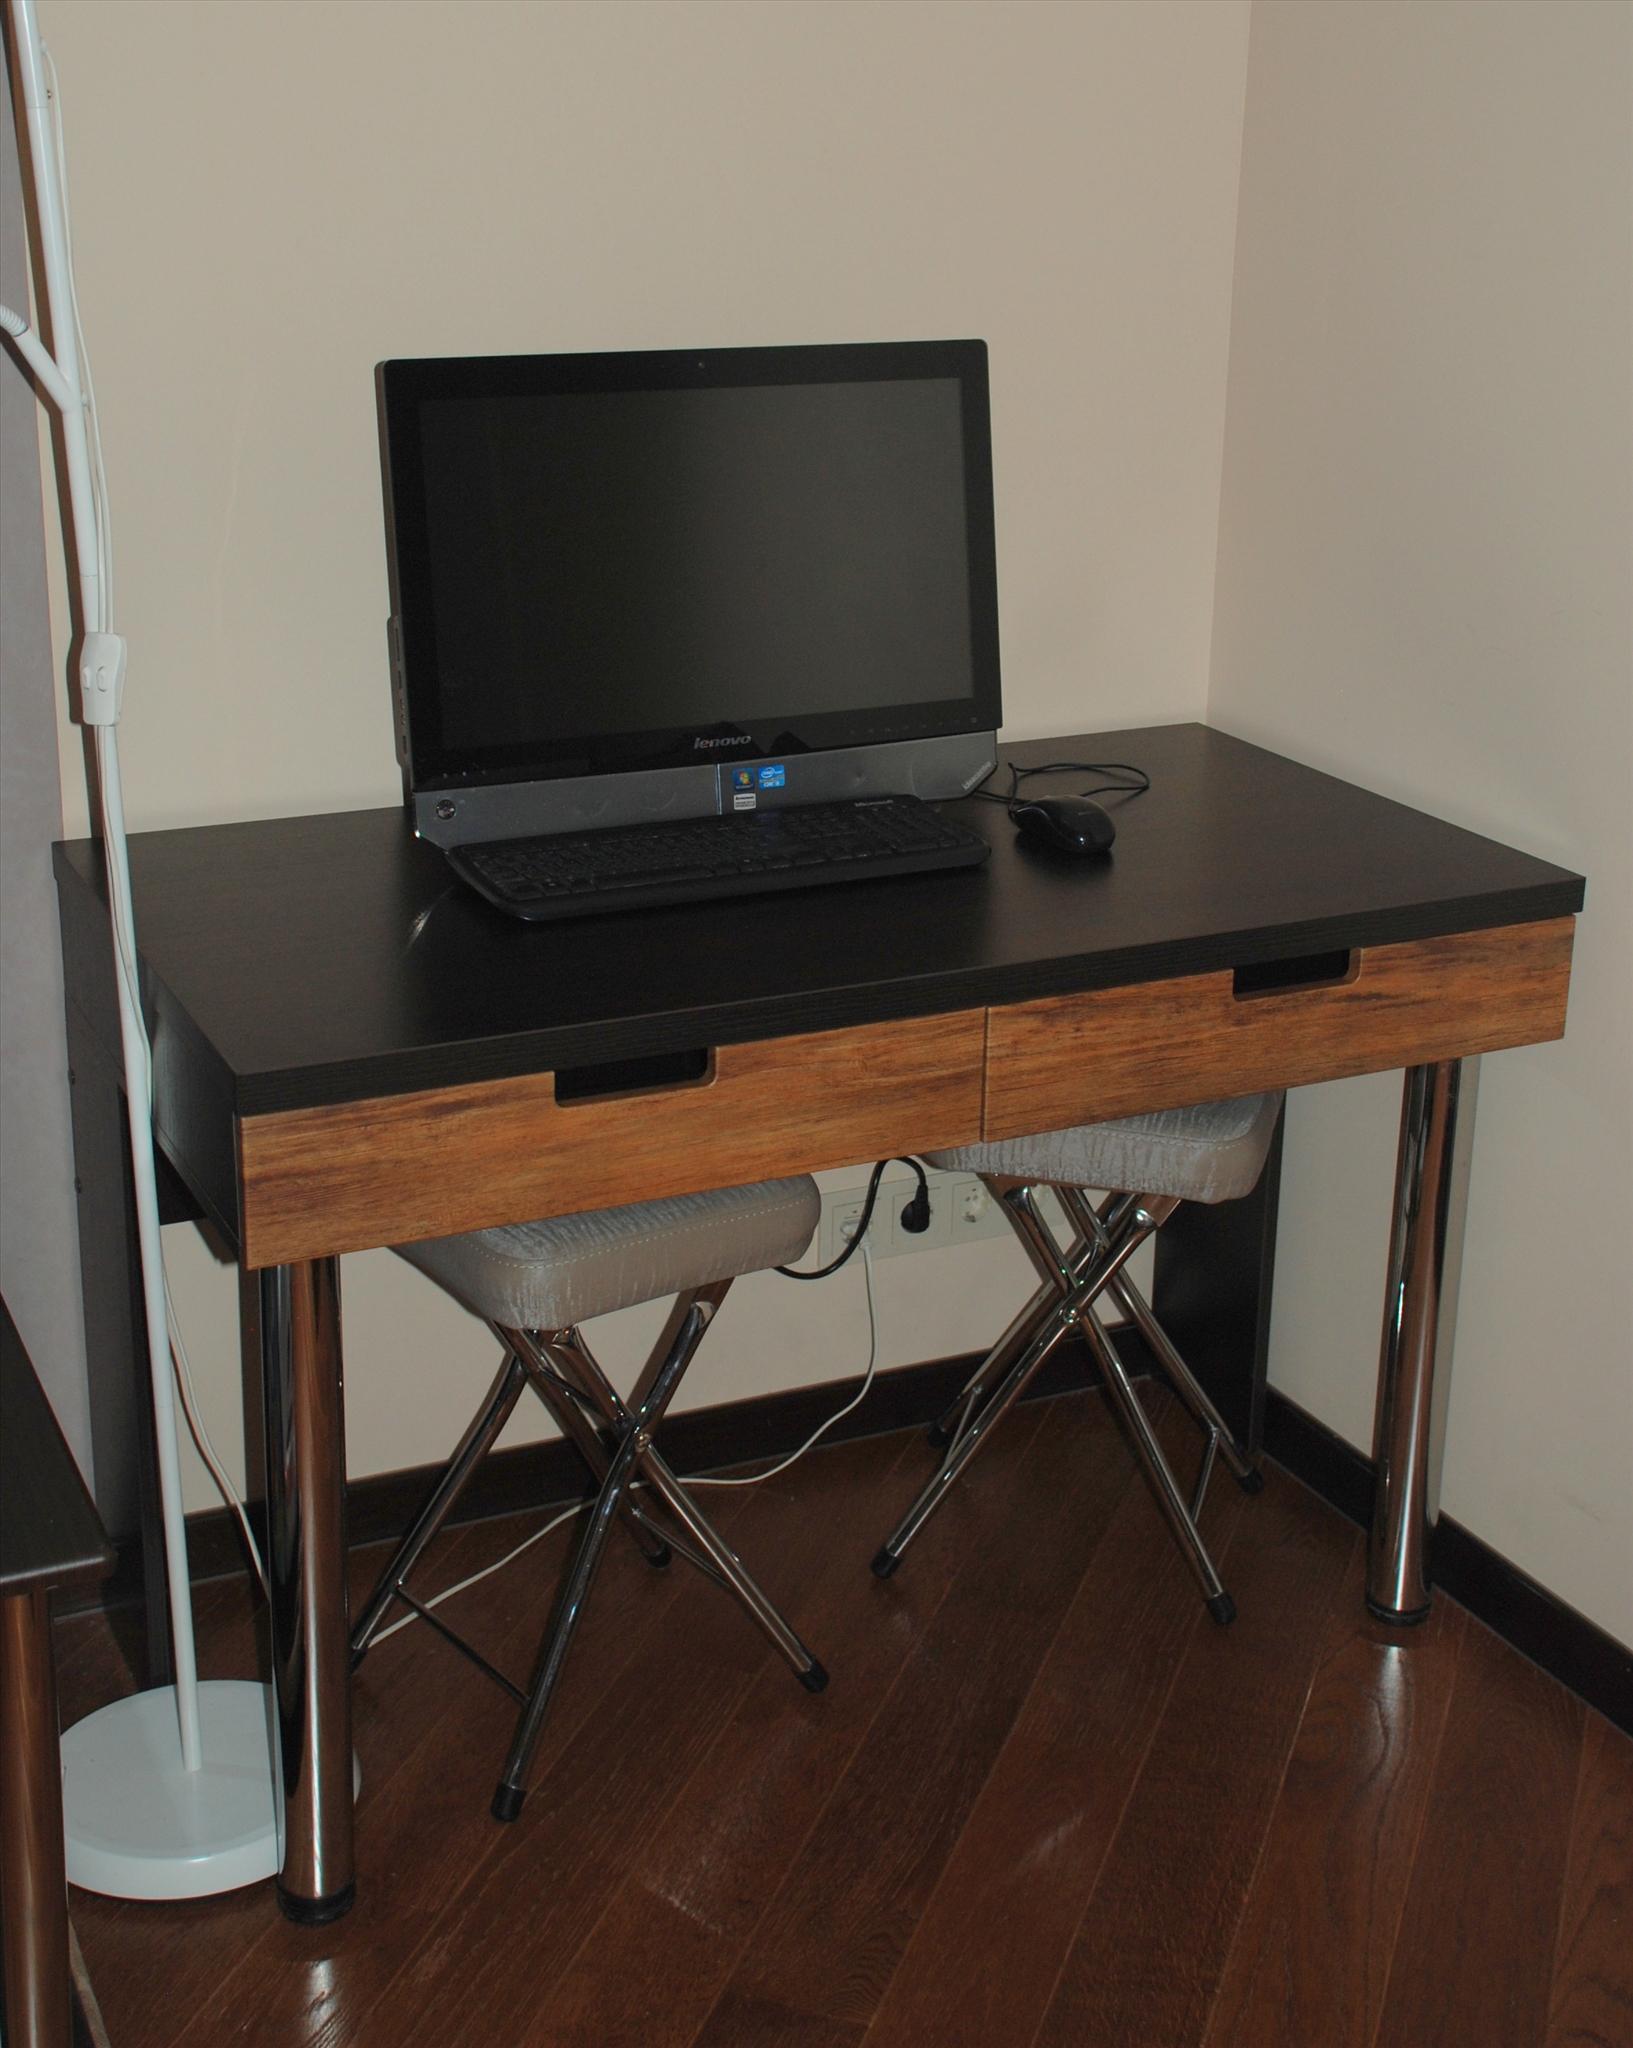 Купить компьютерный столик на заказ в интернет магазине на Я.